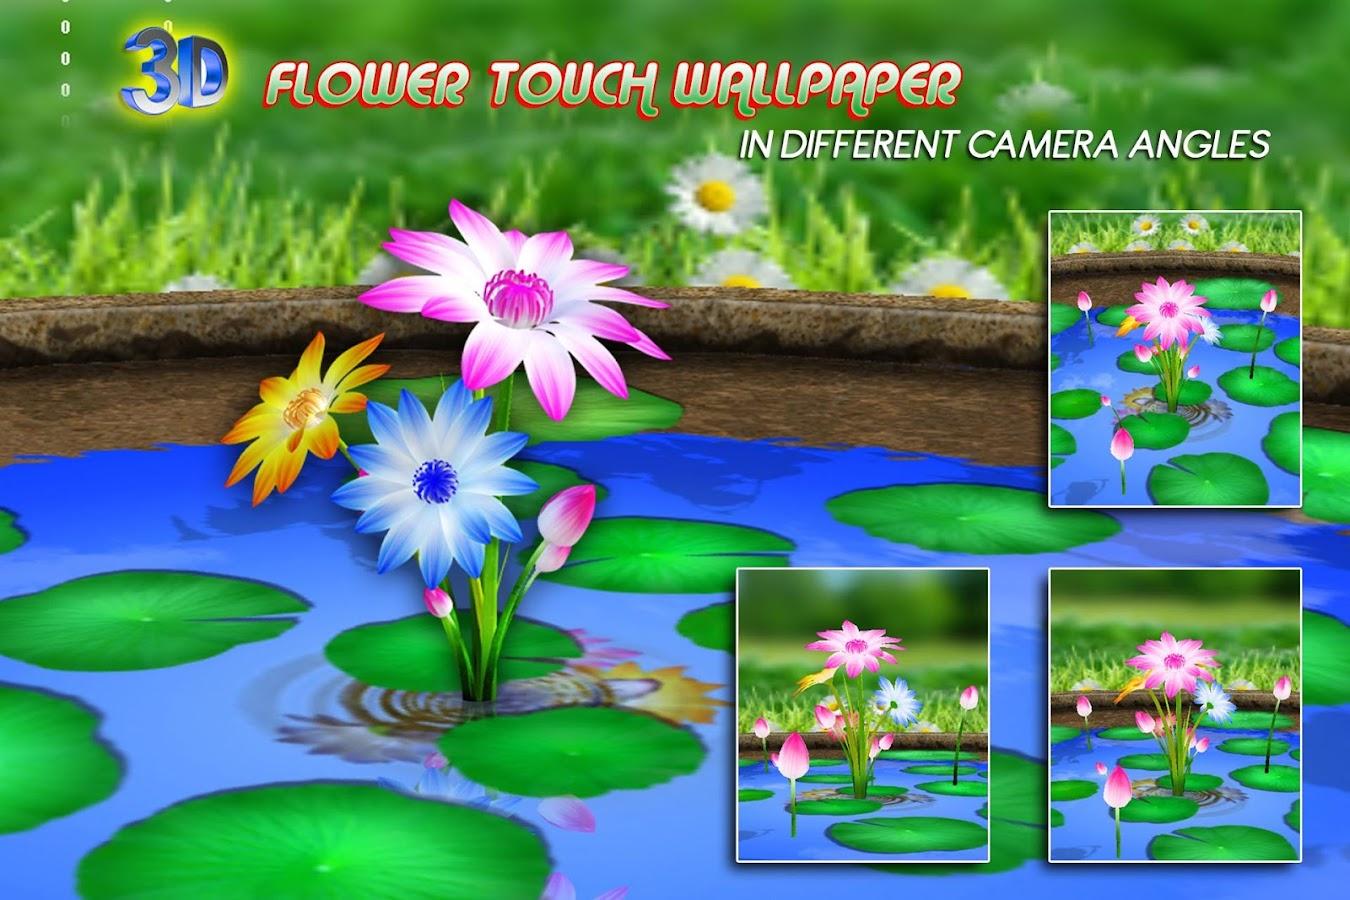 Wallpaper download karne wala apps - 3d Flowers Touch Wallpaper Screenshot